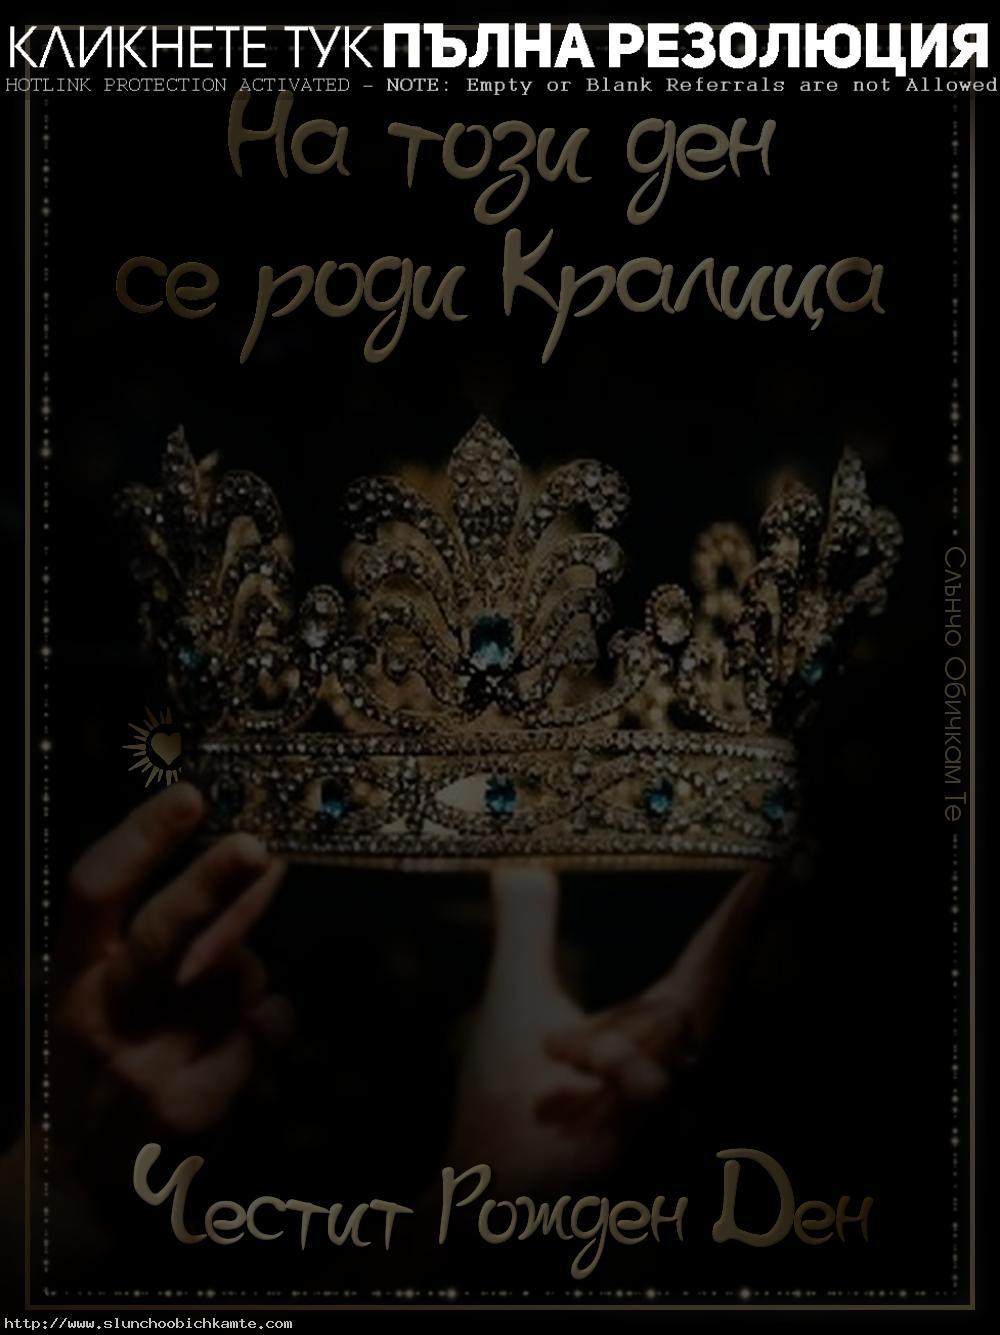 Честит рожден ден кралице моя, принцесо моя, На този ден се роди кралица, картички с пожелания за рожден ден